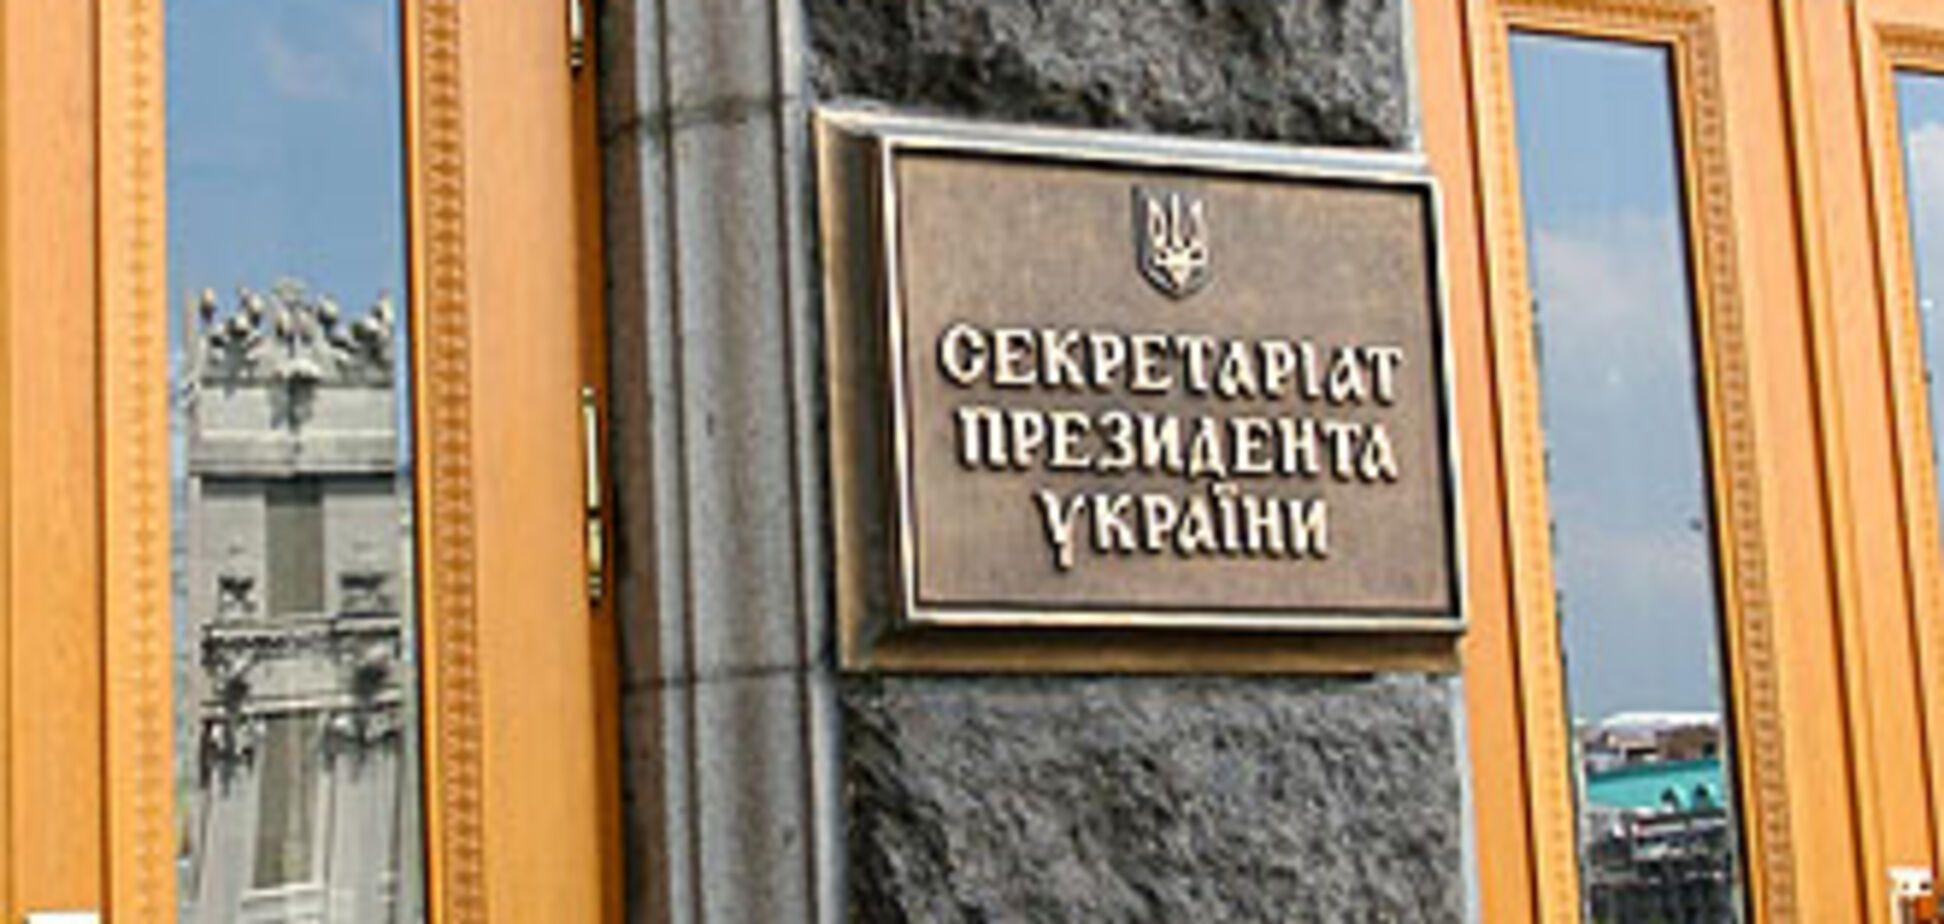 Ульянченко начала чистки в Секретариате Президента